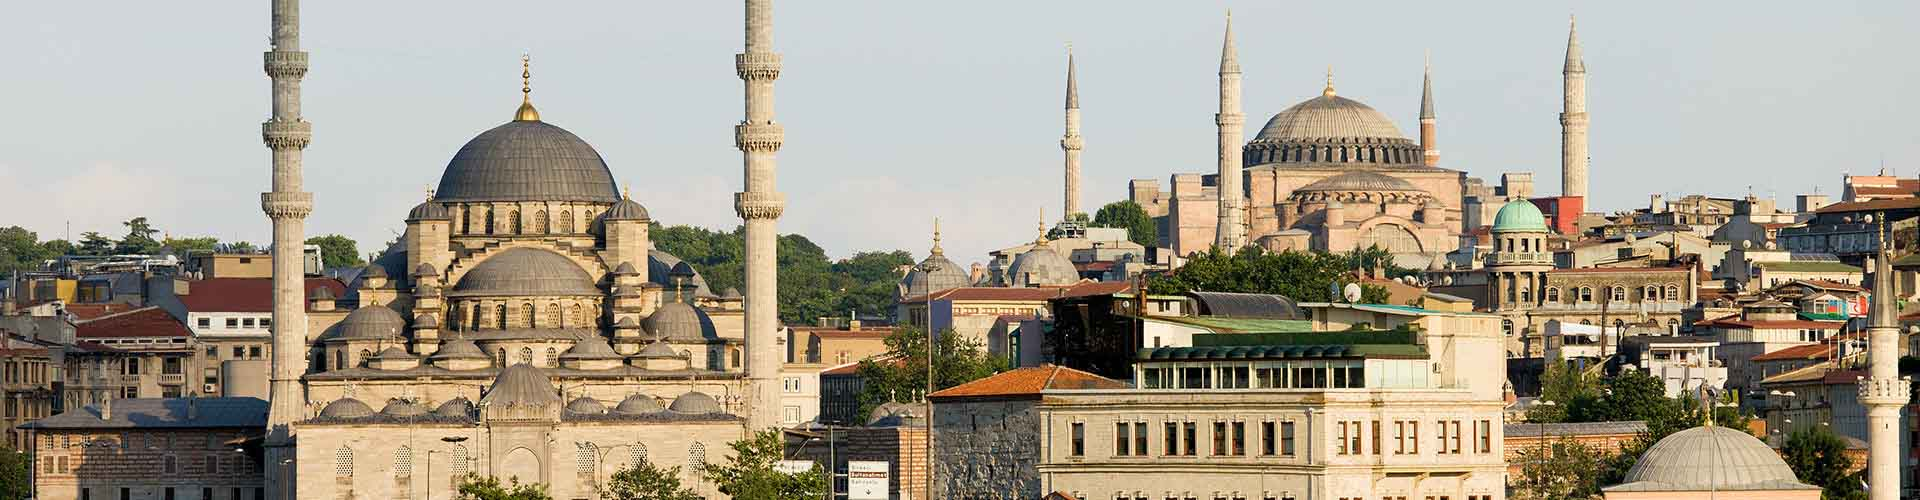 이스탄불 - 성 소피아 성당와 가까운 호스텔. 이스탄불의 지도, 이스탄불에 위치한 호스텔 사진 및 후기 정보.